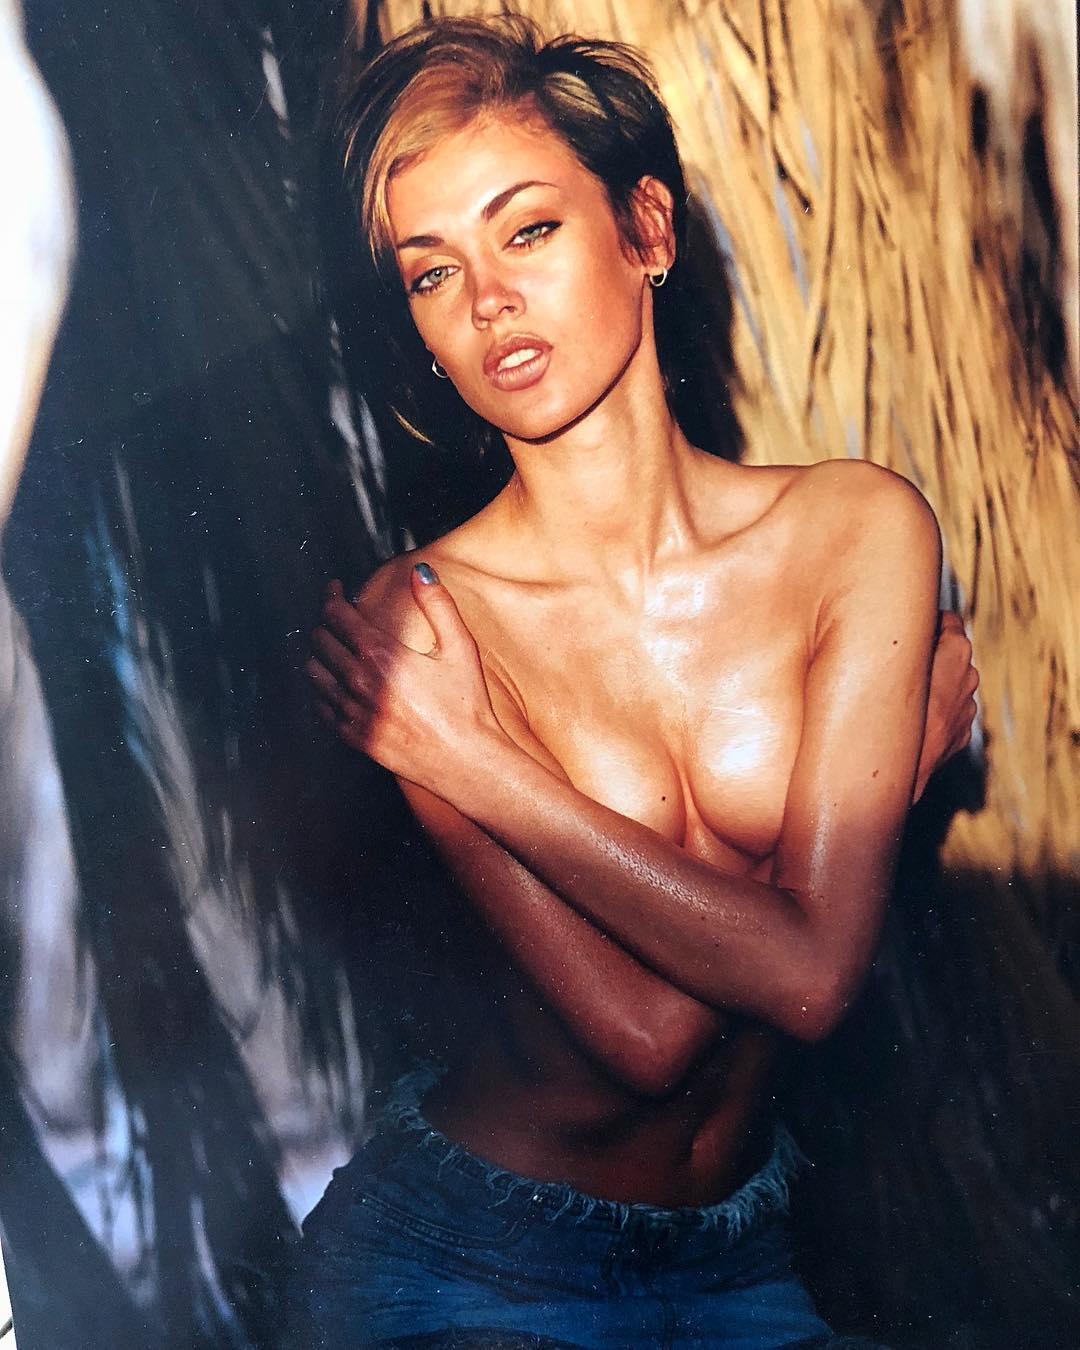 Таня Терешина: Ретроспектива. Вчера выставила фотку, сегодня дополню картину )) и той же фотосессии февраль 2002г.  Я снималась в передаче ( просто прошла кастинг как Модель), типа « Любовь с первого взгляда» кажется название было « Первое  свидание» не помню то...